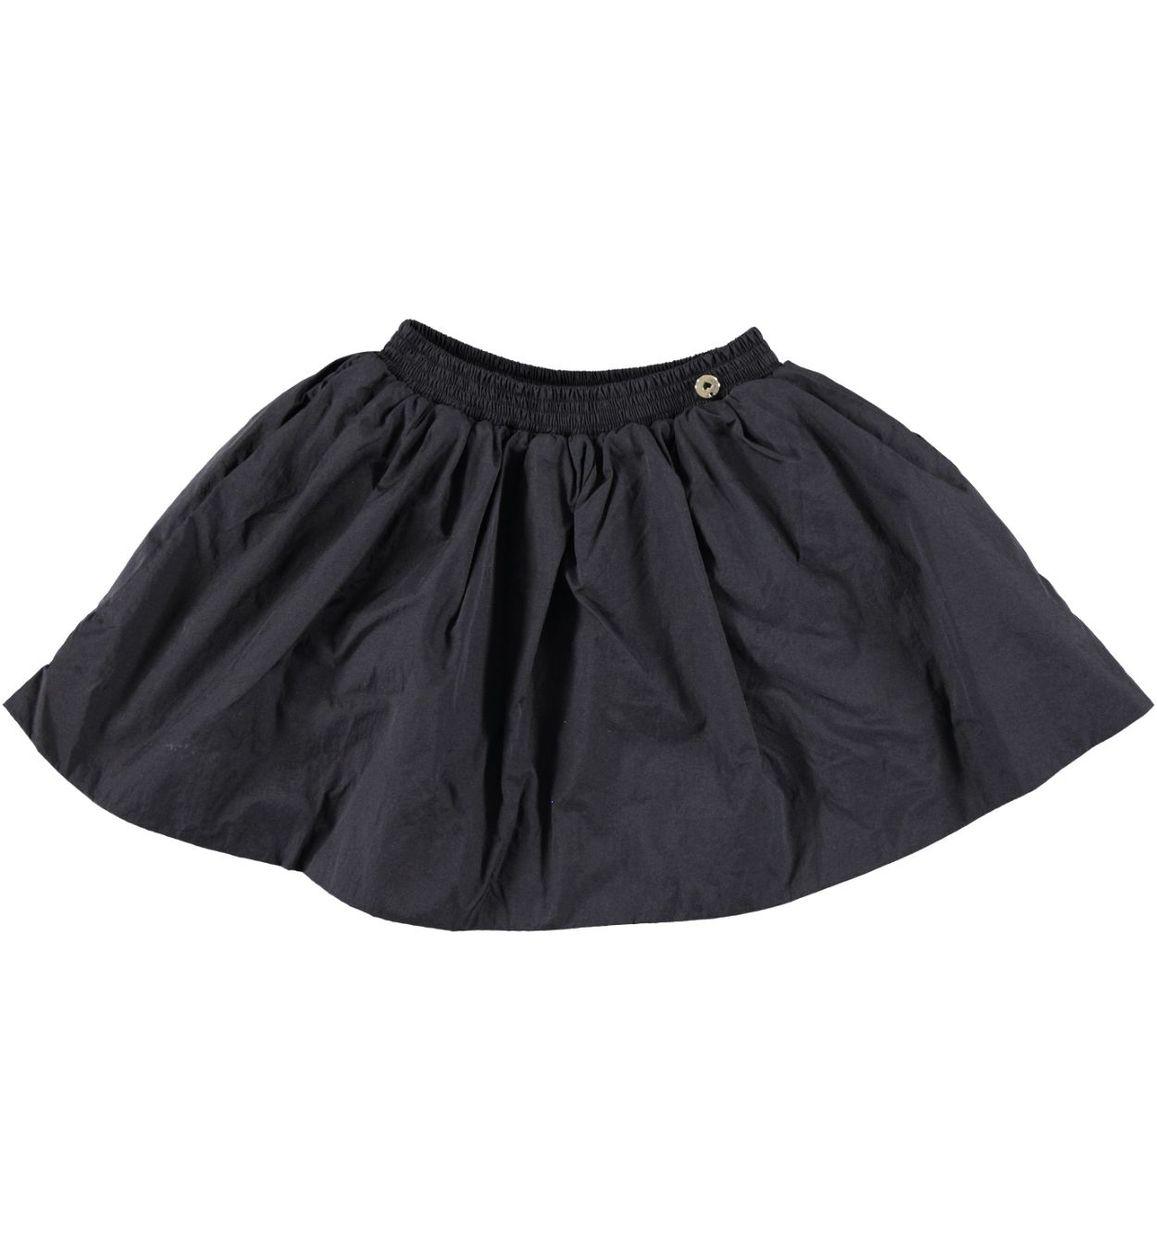 sale retailer 61d68 3346a Elegante gonna a palloncino per bambina da 3 a 16 anni iDO